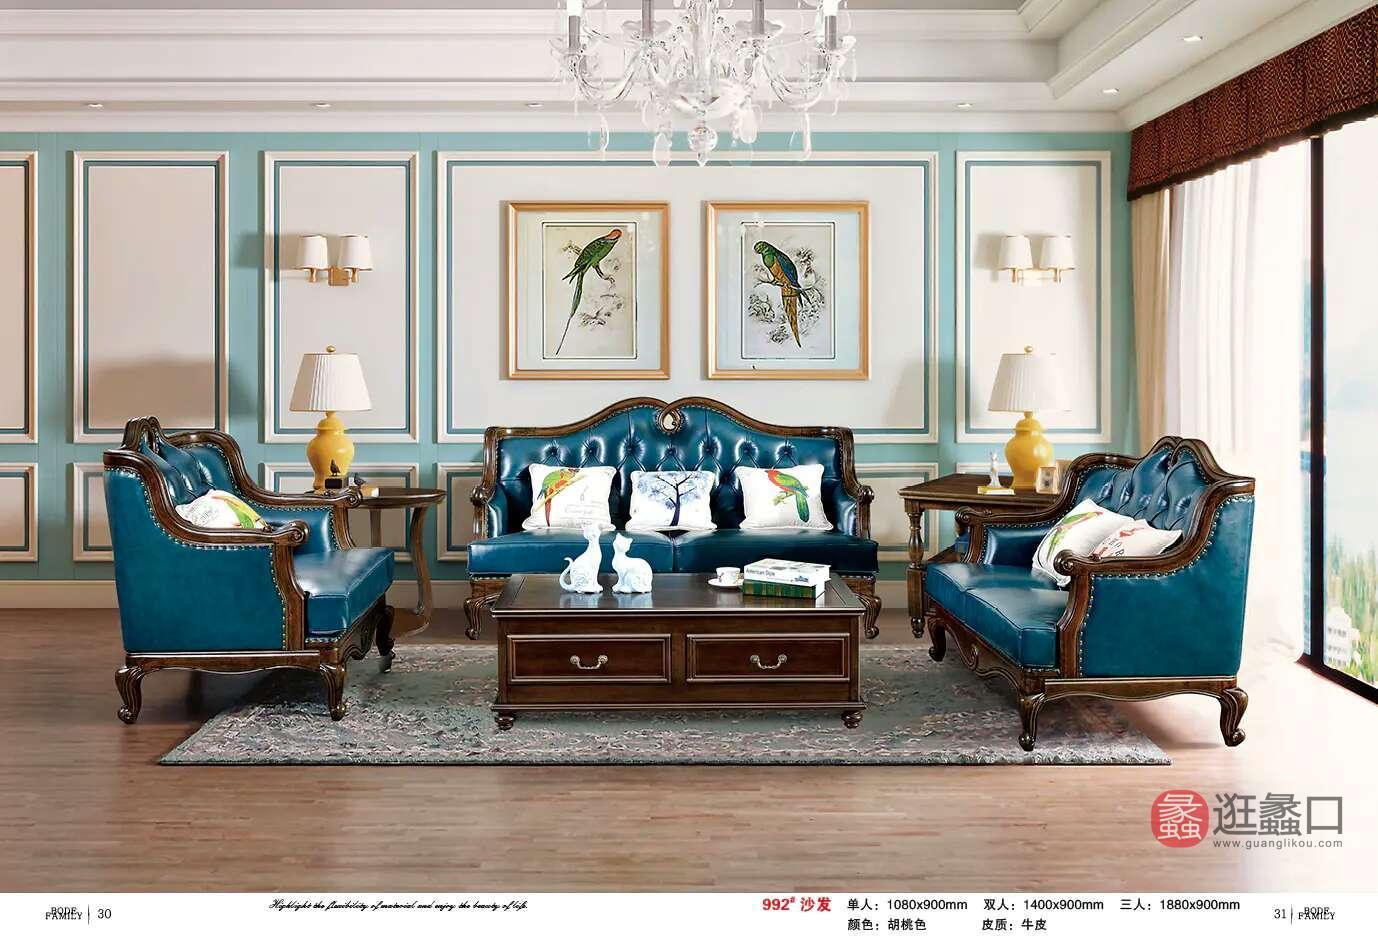 奥斯汀家具美式套房实木家具沙发组合单人位加双人位加三人位沙发992#沙发